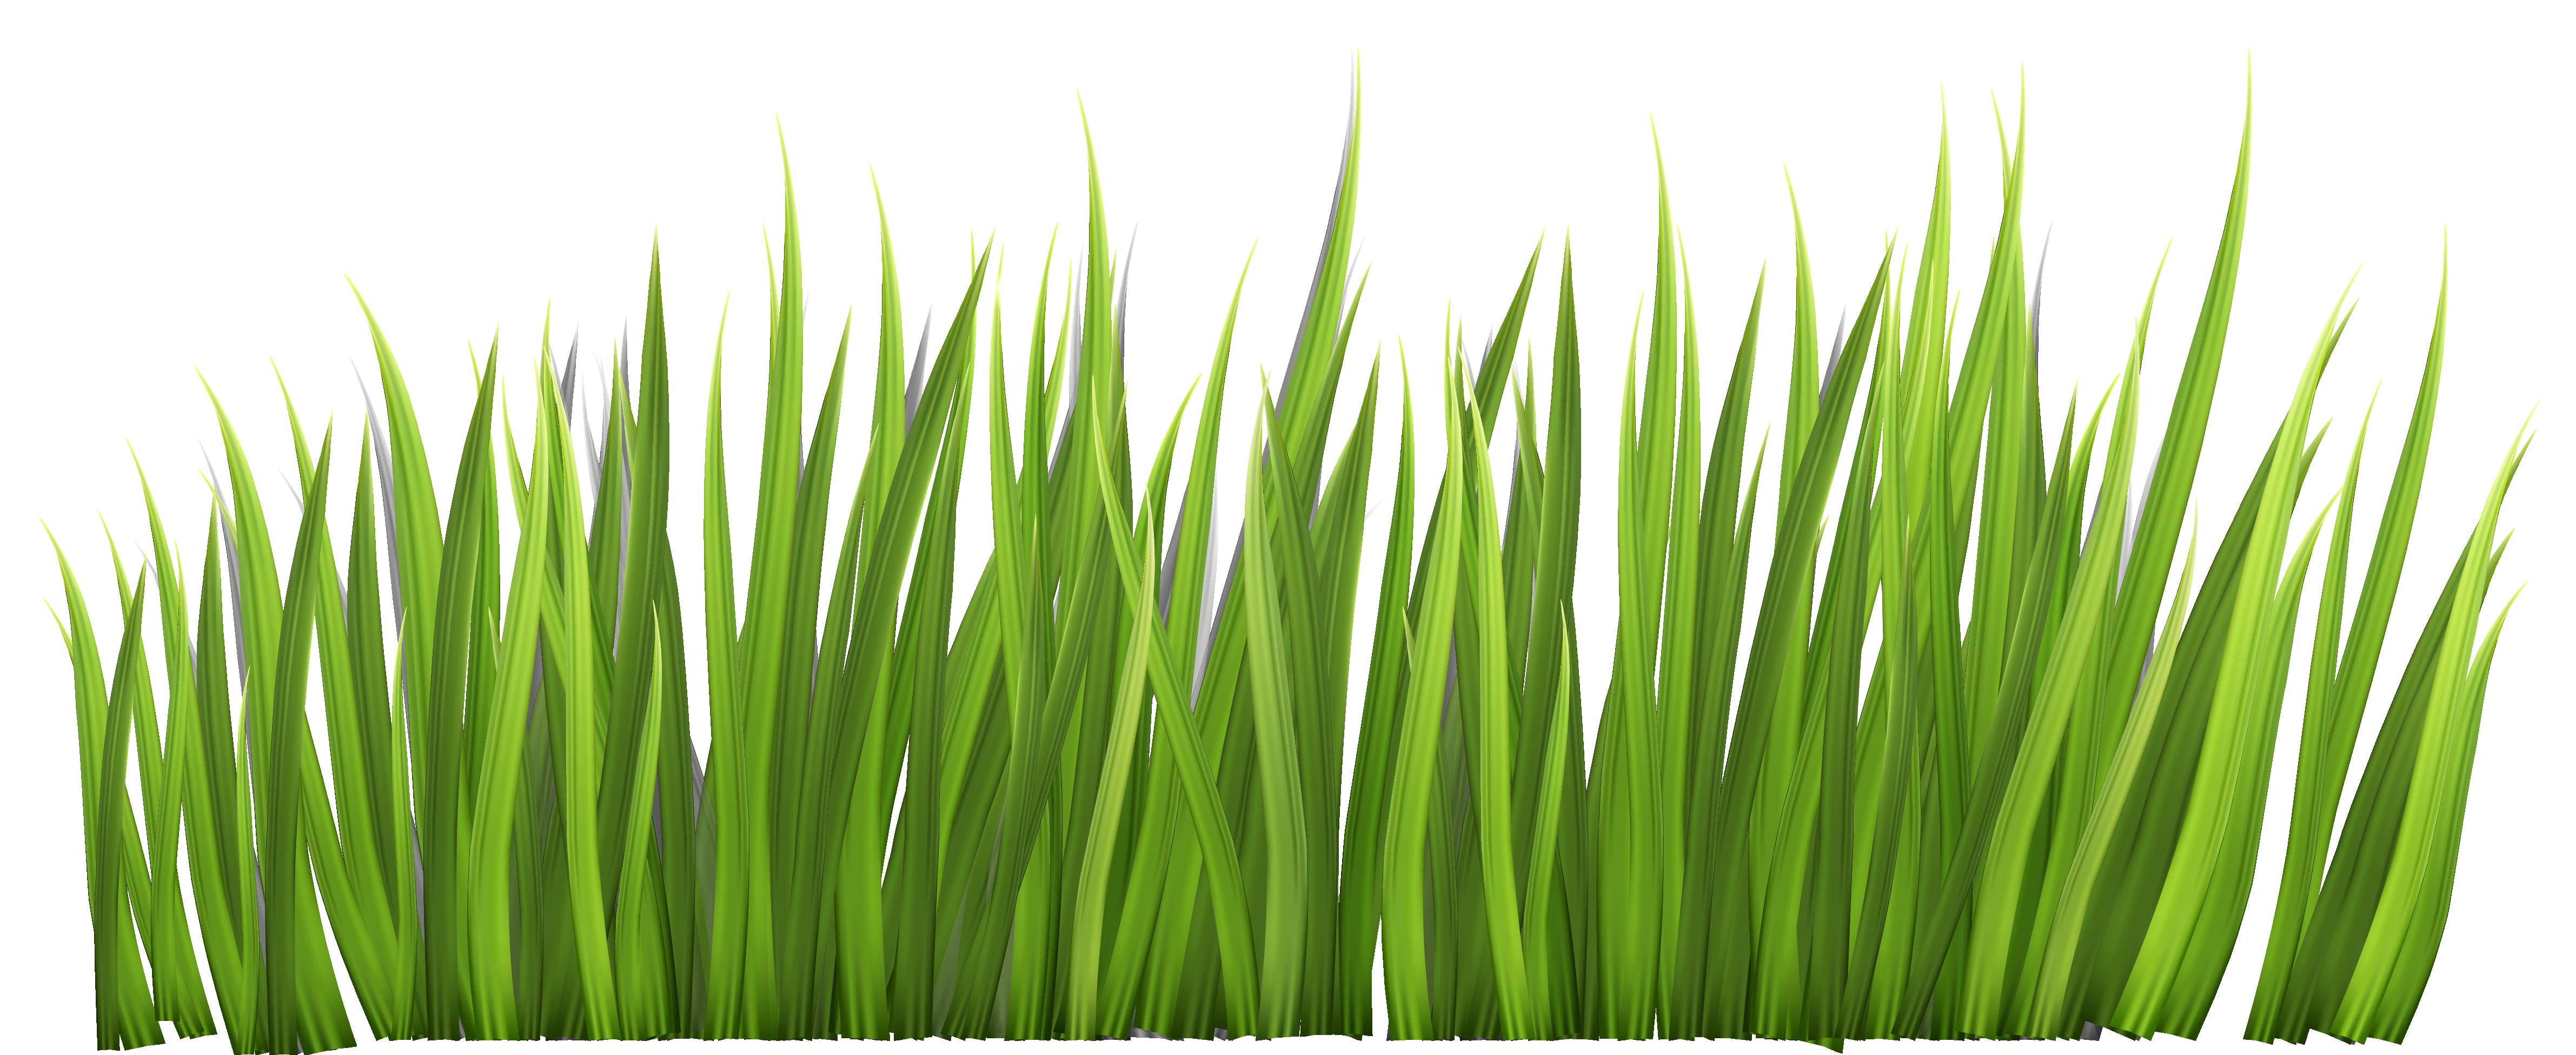 Grass Clipart-grass clipart-5